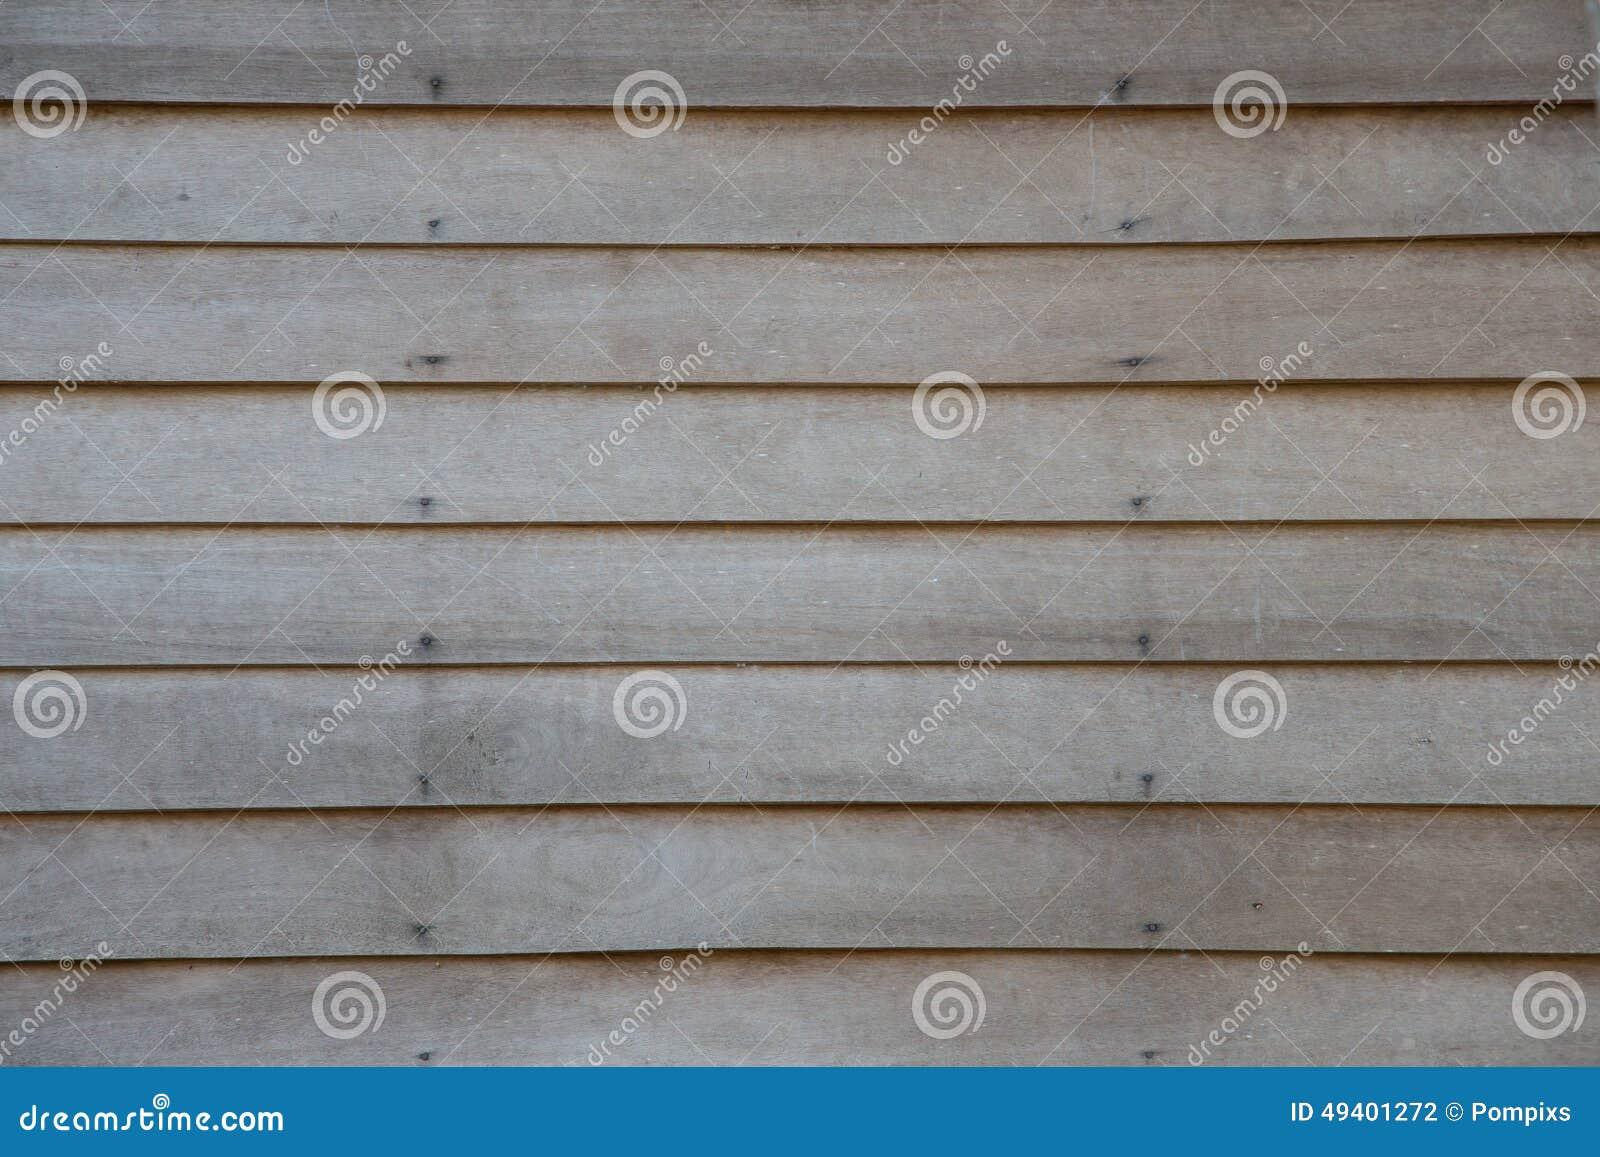 Download Hintergrund Oder Beschaffenheit Des Oberflächenholzes Stockfoto - Bild von schwarzes, dekorativ: 49401272